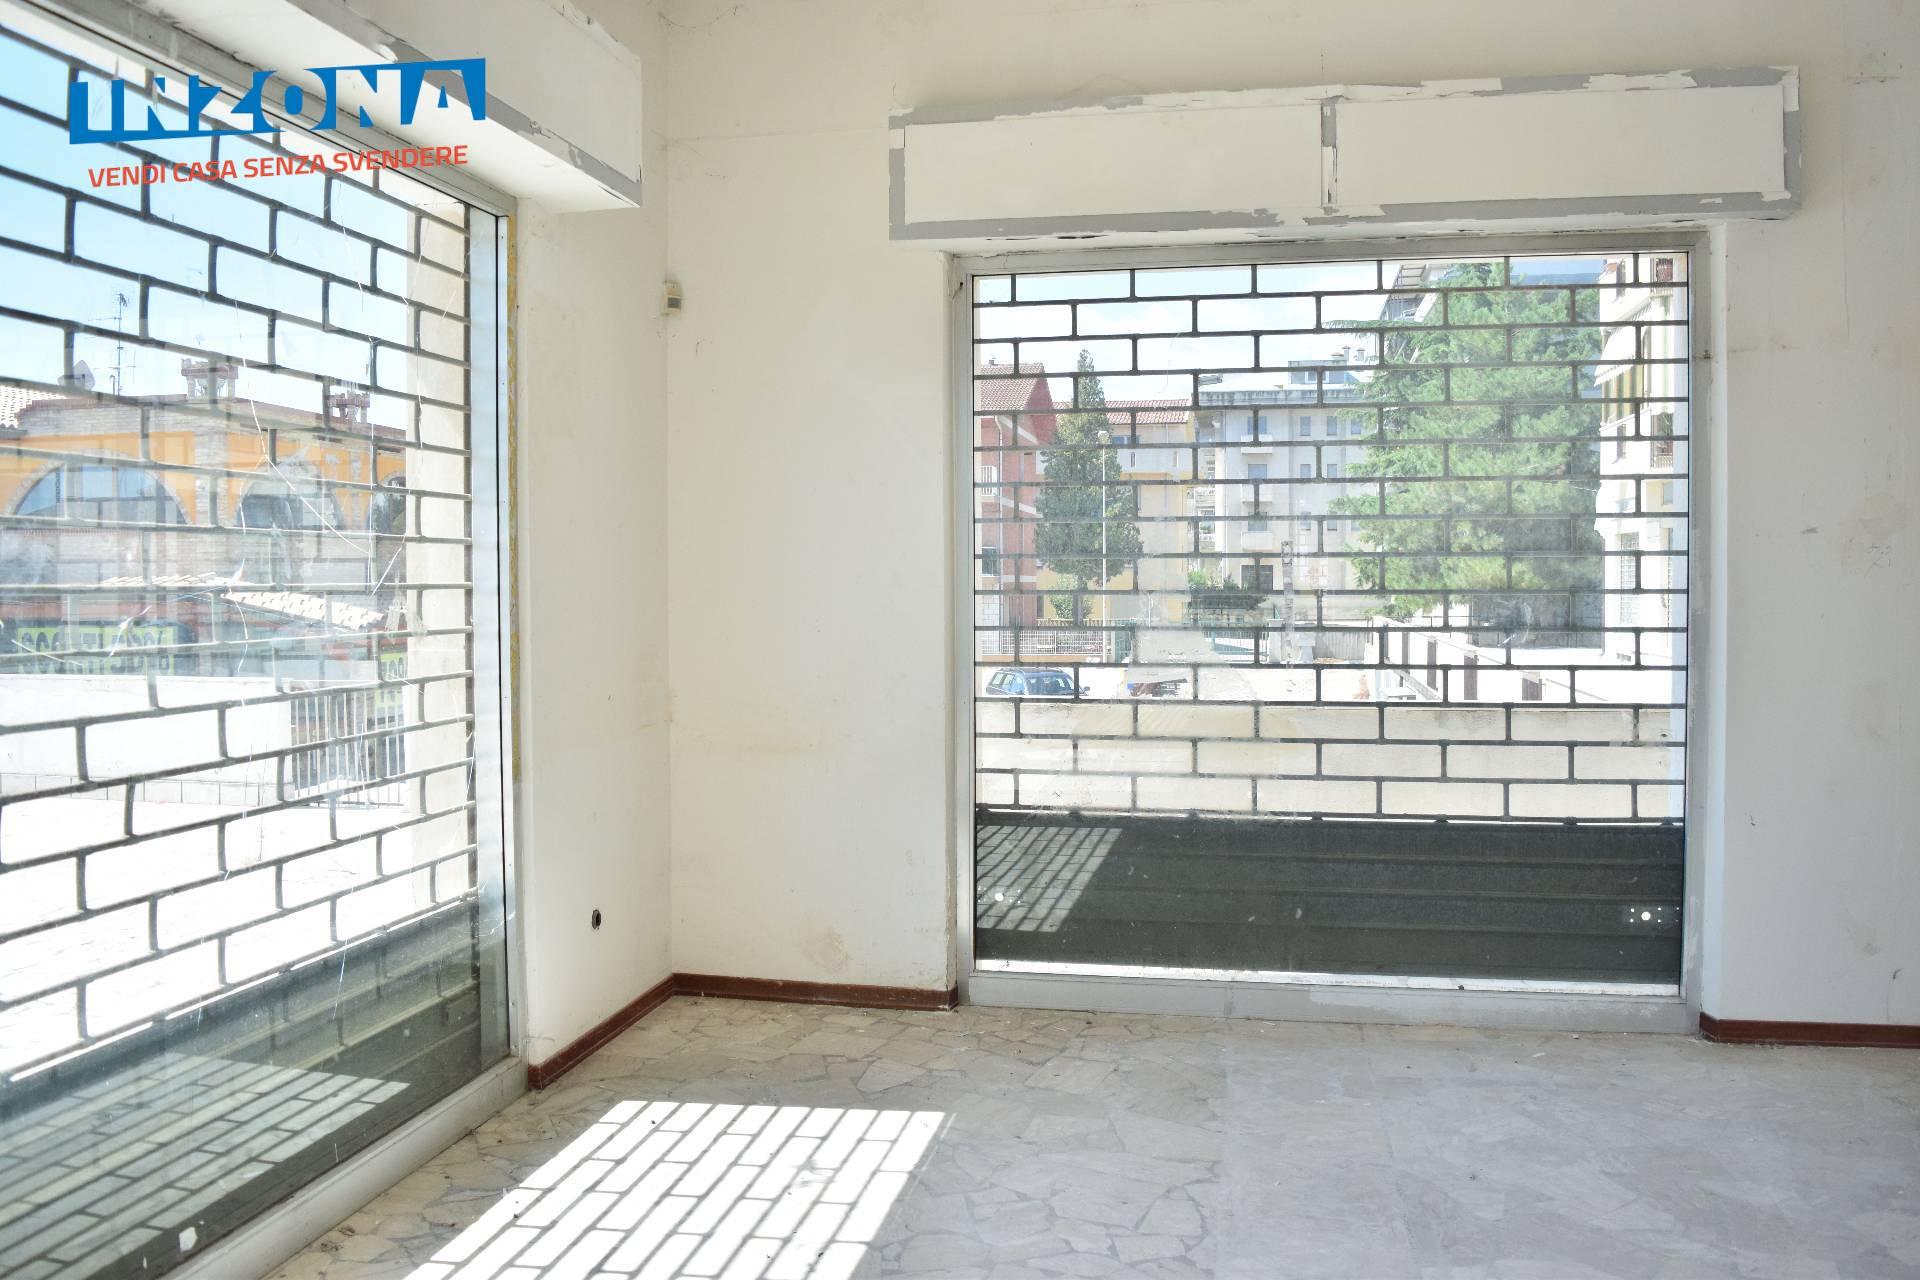 Negozio / Locale in vendita a Bellante, 9999 locali, zona Zona: Ripattoni, prezzo € 40.000   CambioCasa.it